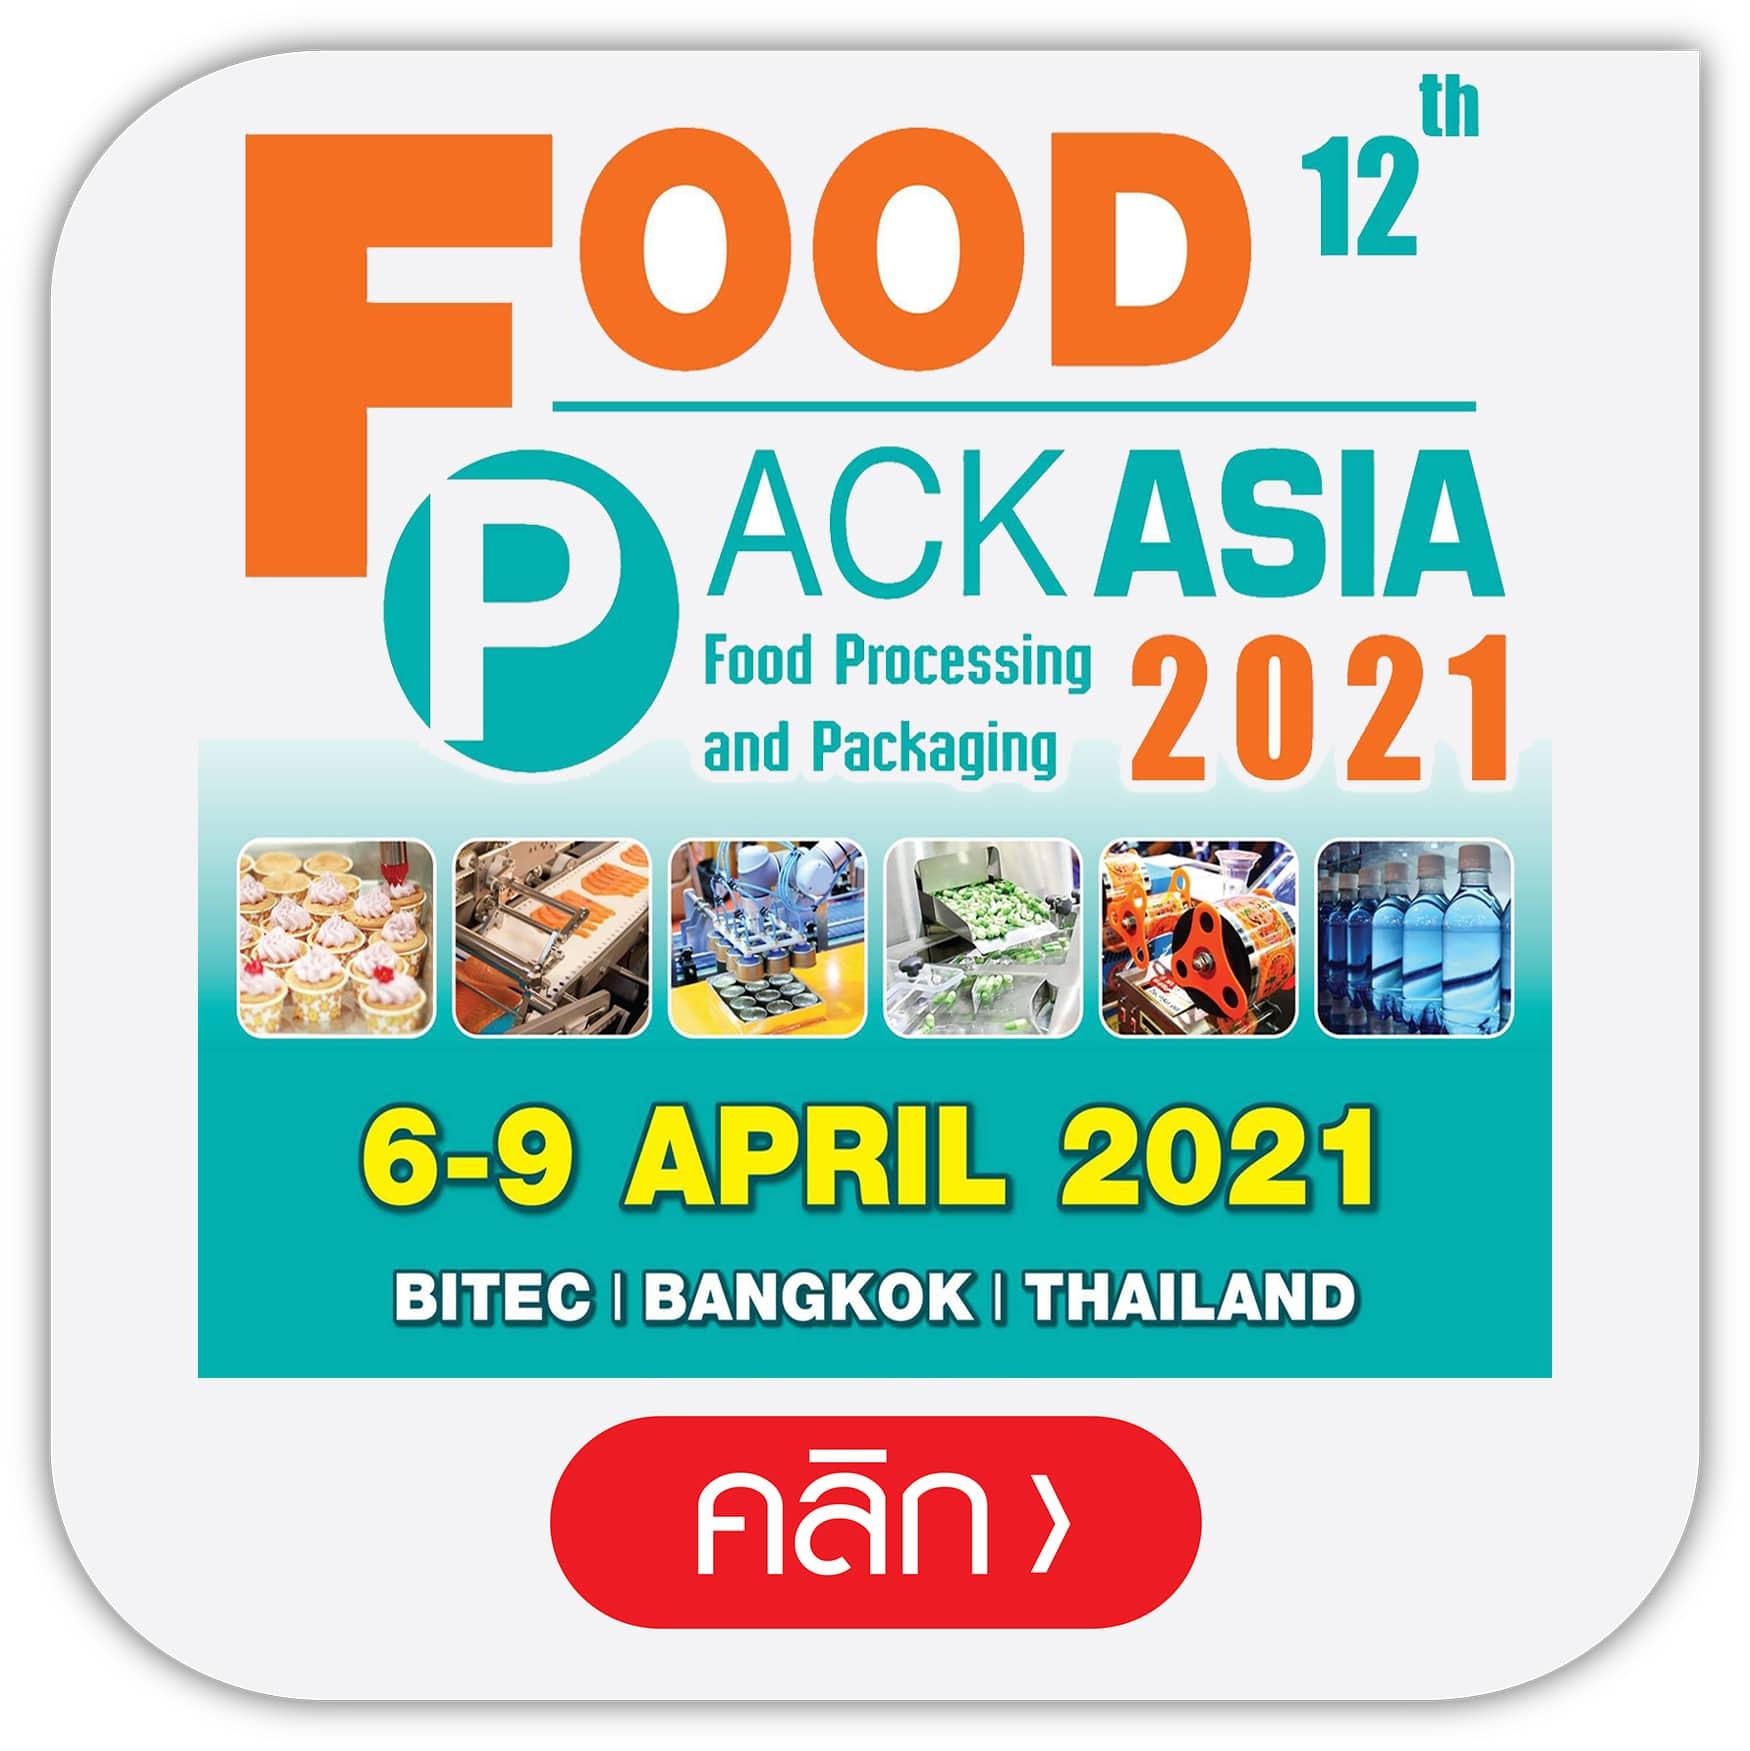 link-foodpackasia